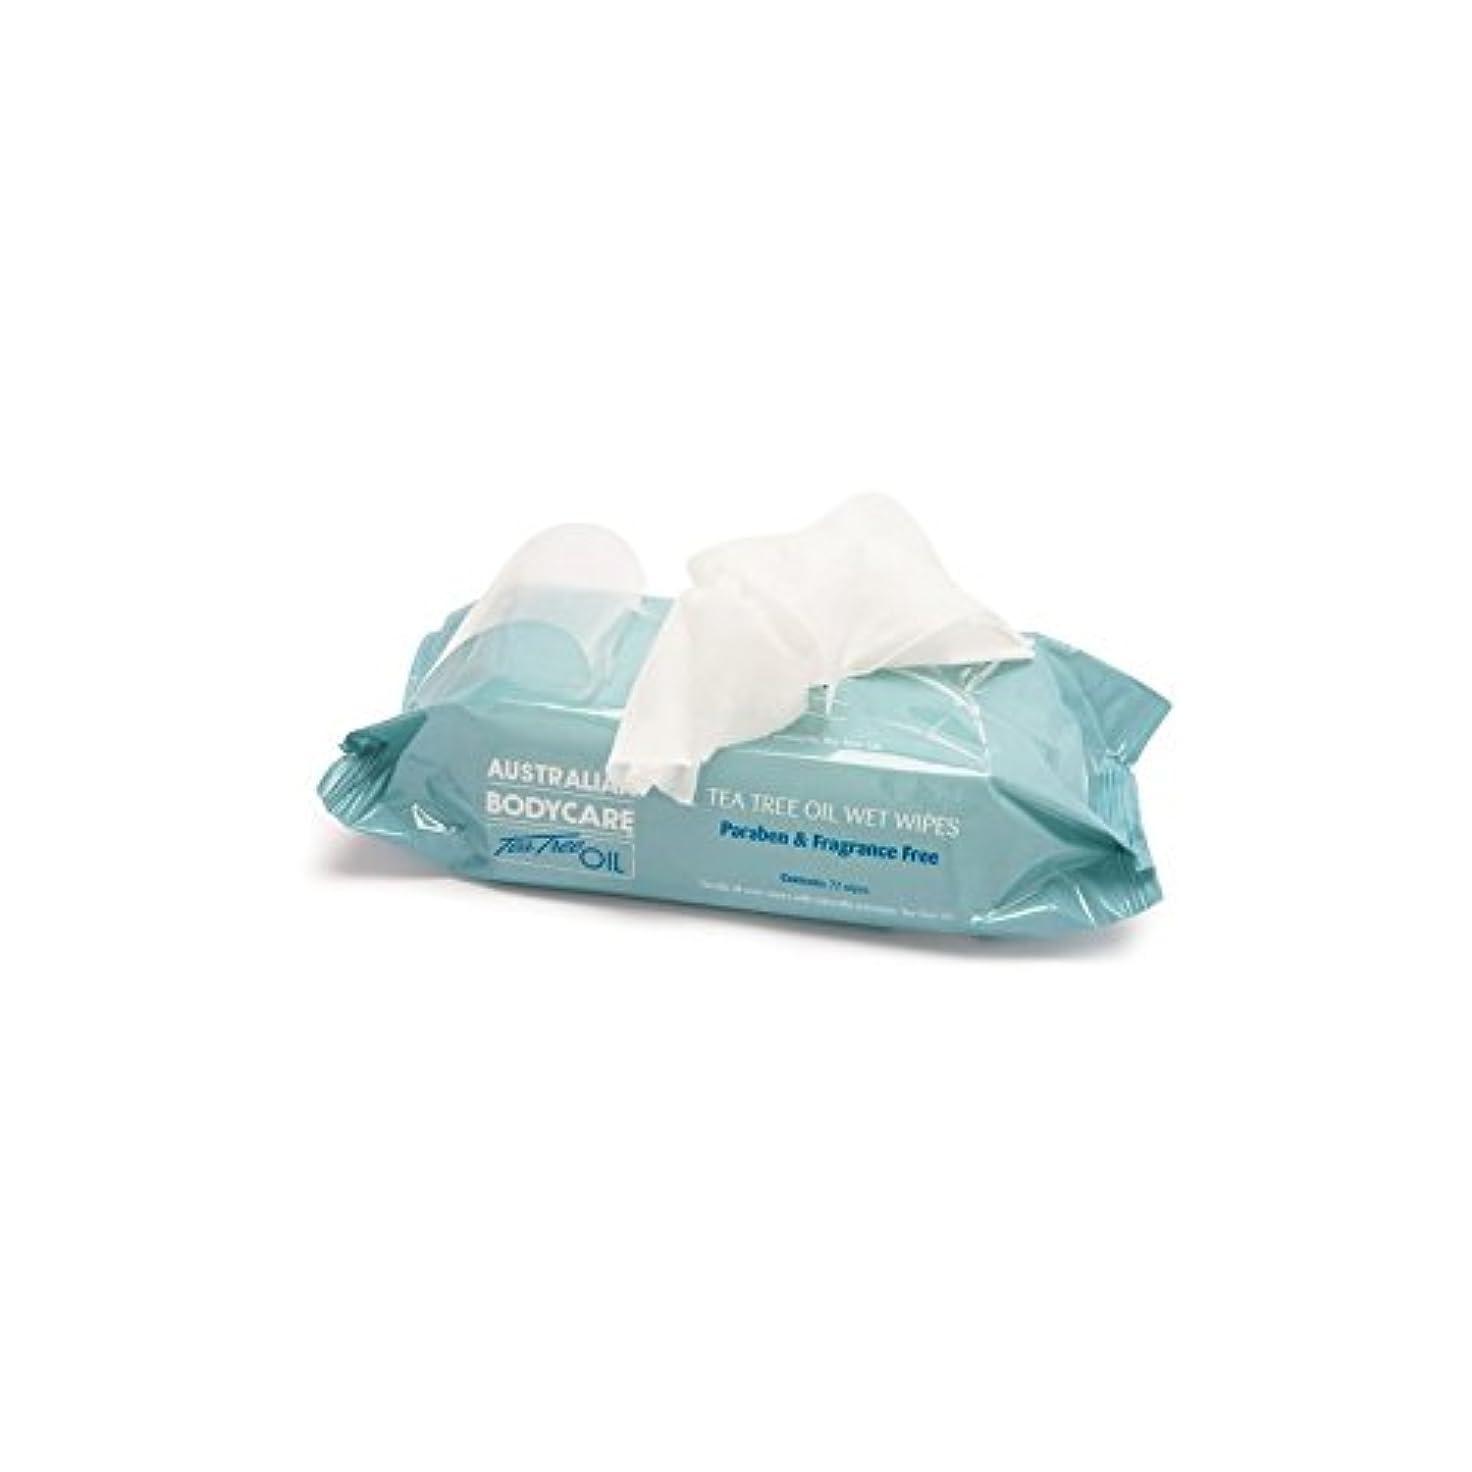 不確実悪夢有効化オーストラリアのボディケアに便利なパックワイプ(24パック) x2 - Australian Bodycare Handy Pack Wipes (24 Pack) (Pack of 2) [並行輸入品]